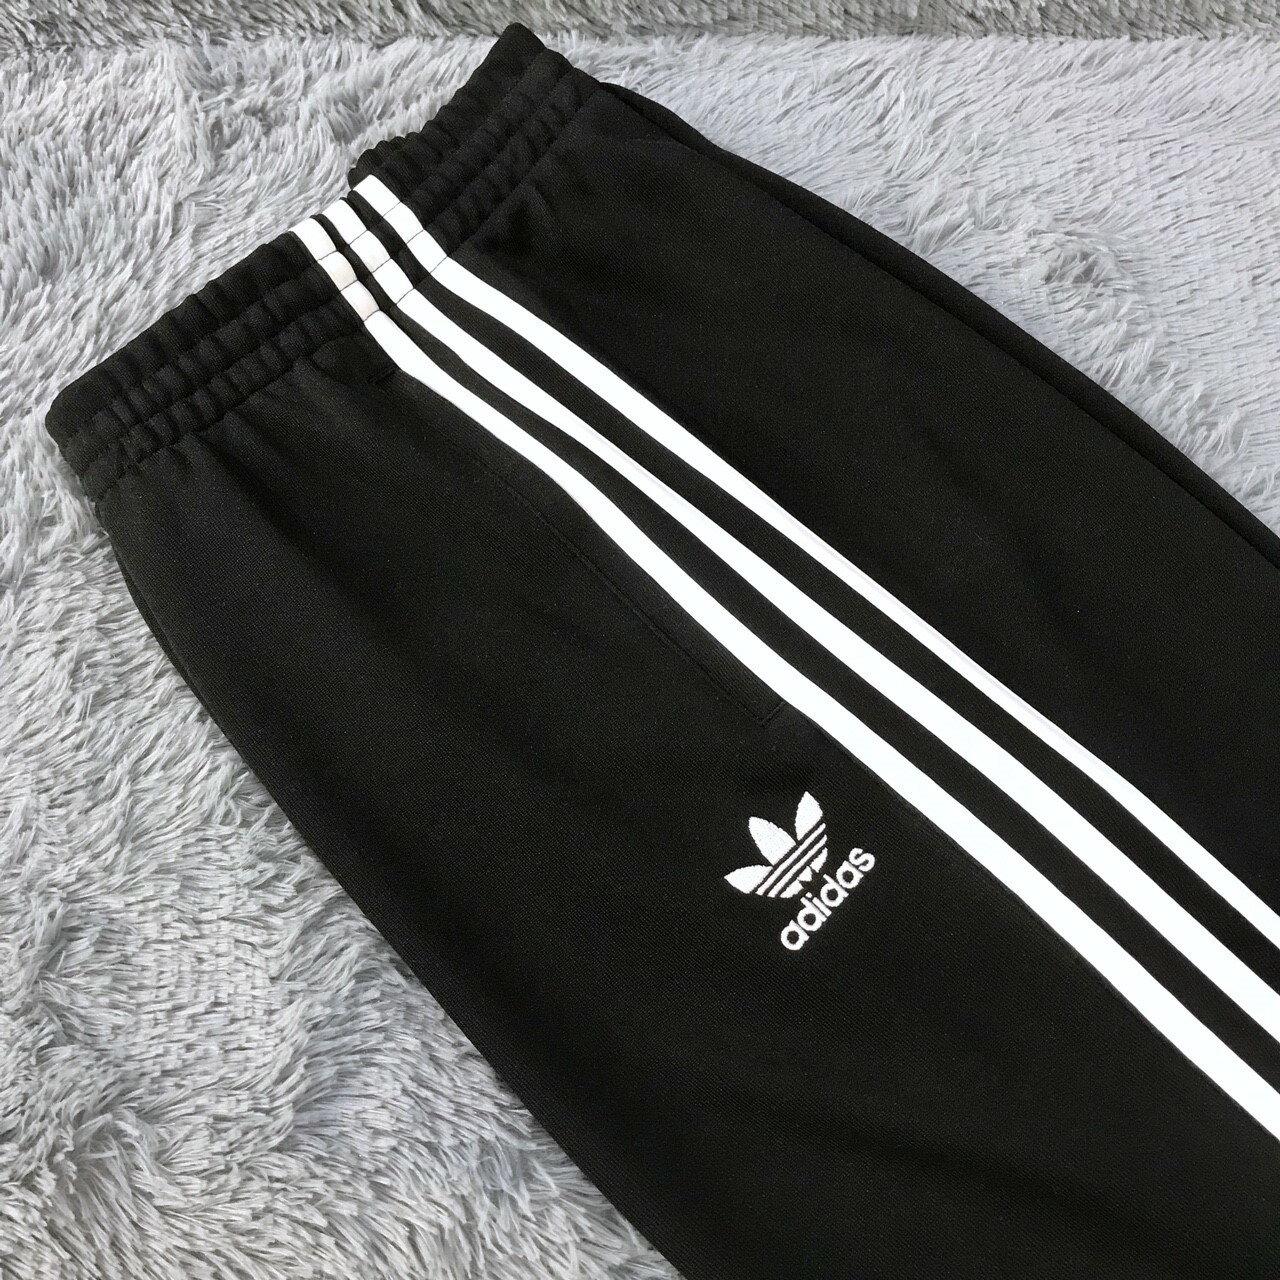 Adidas Originals 愛迪達 三葉草 AJ6960 黑白 黑色 三條 縮口褲 運動褲 運動長褲